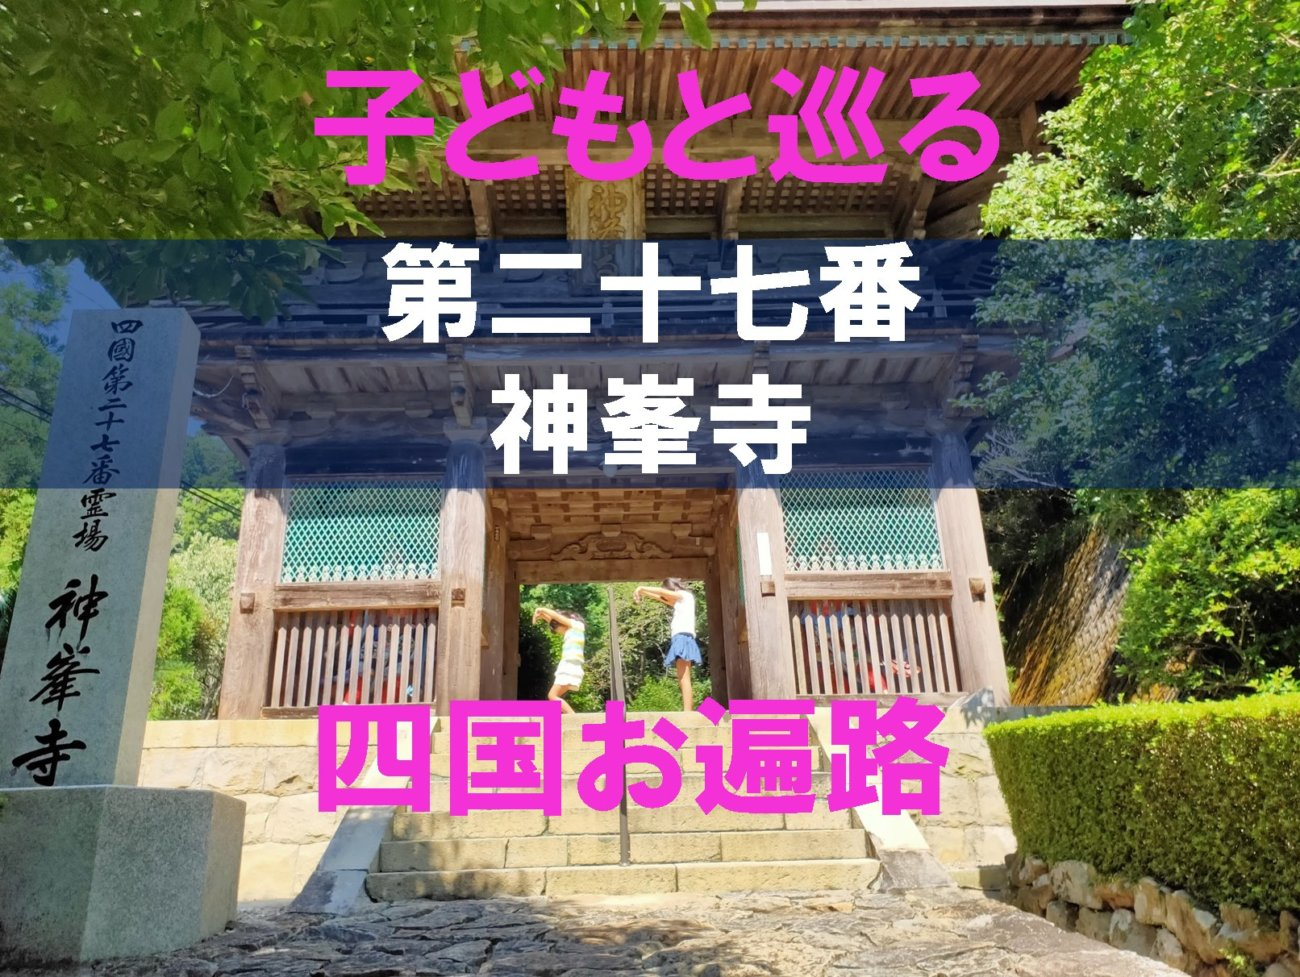 27番神峯寺のアイキャッチ画像